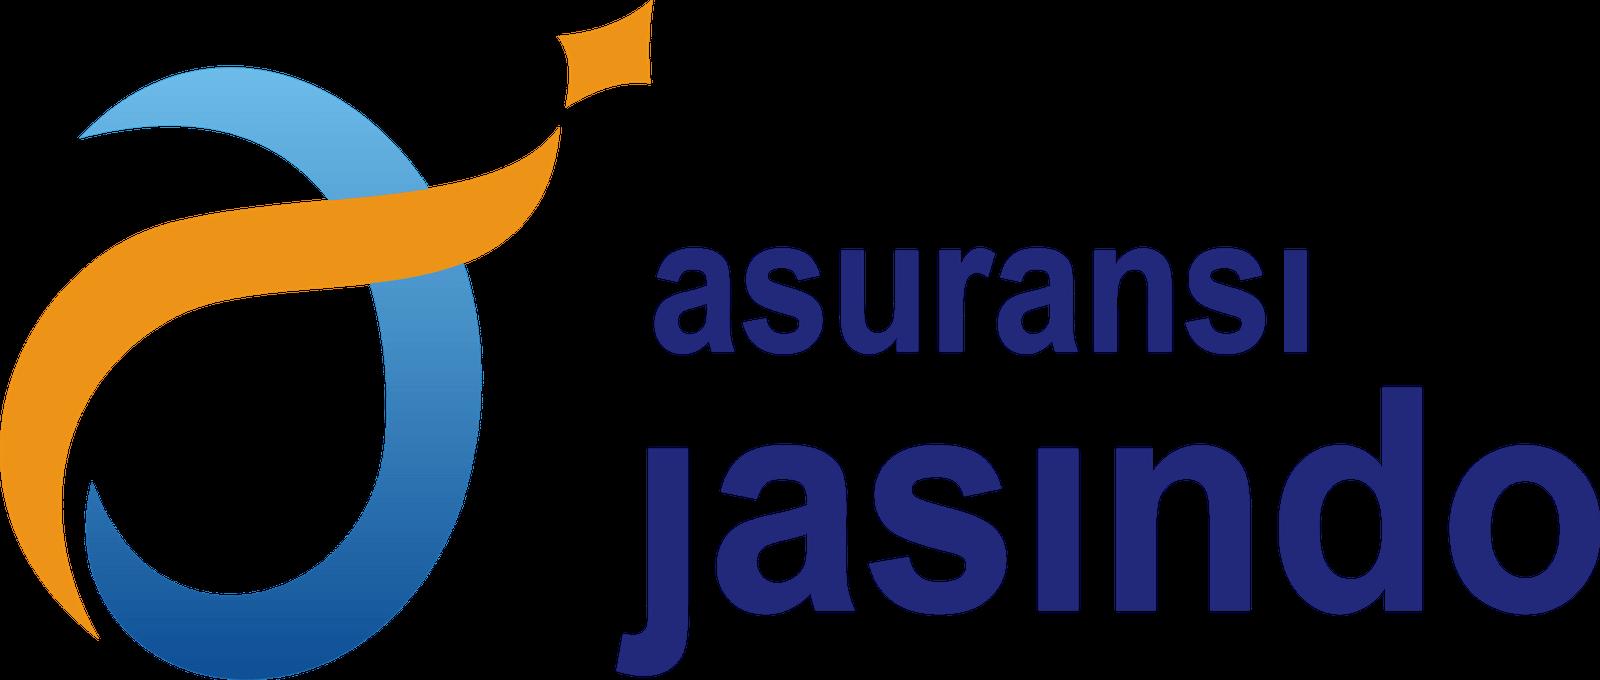 JASINDO - Daftar Penyedia Asuransi Rawat Inap Terbaik 2020